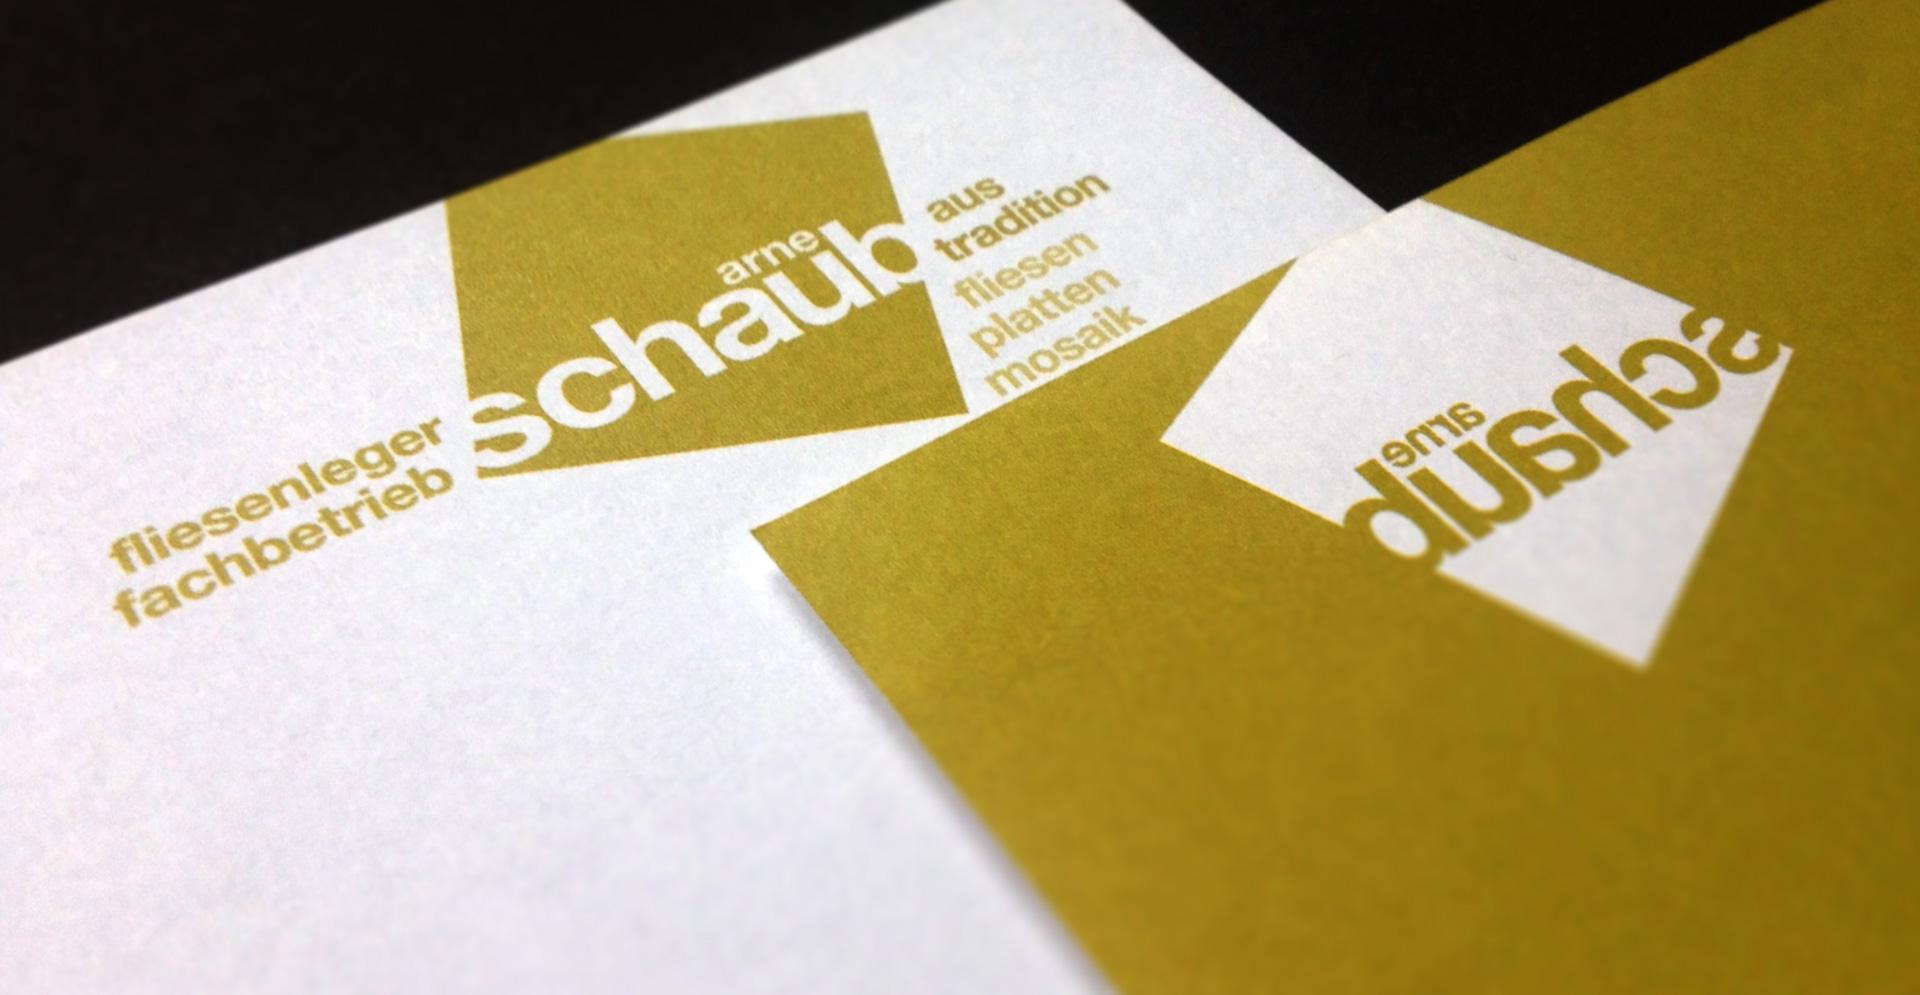 Arne Schaub Berlin, Wort-Bildmarke und Geschäftspapiere